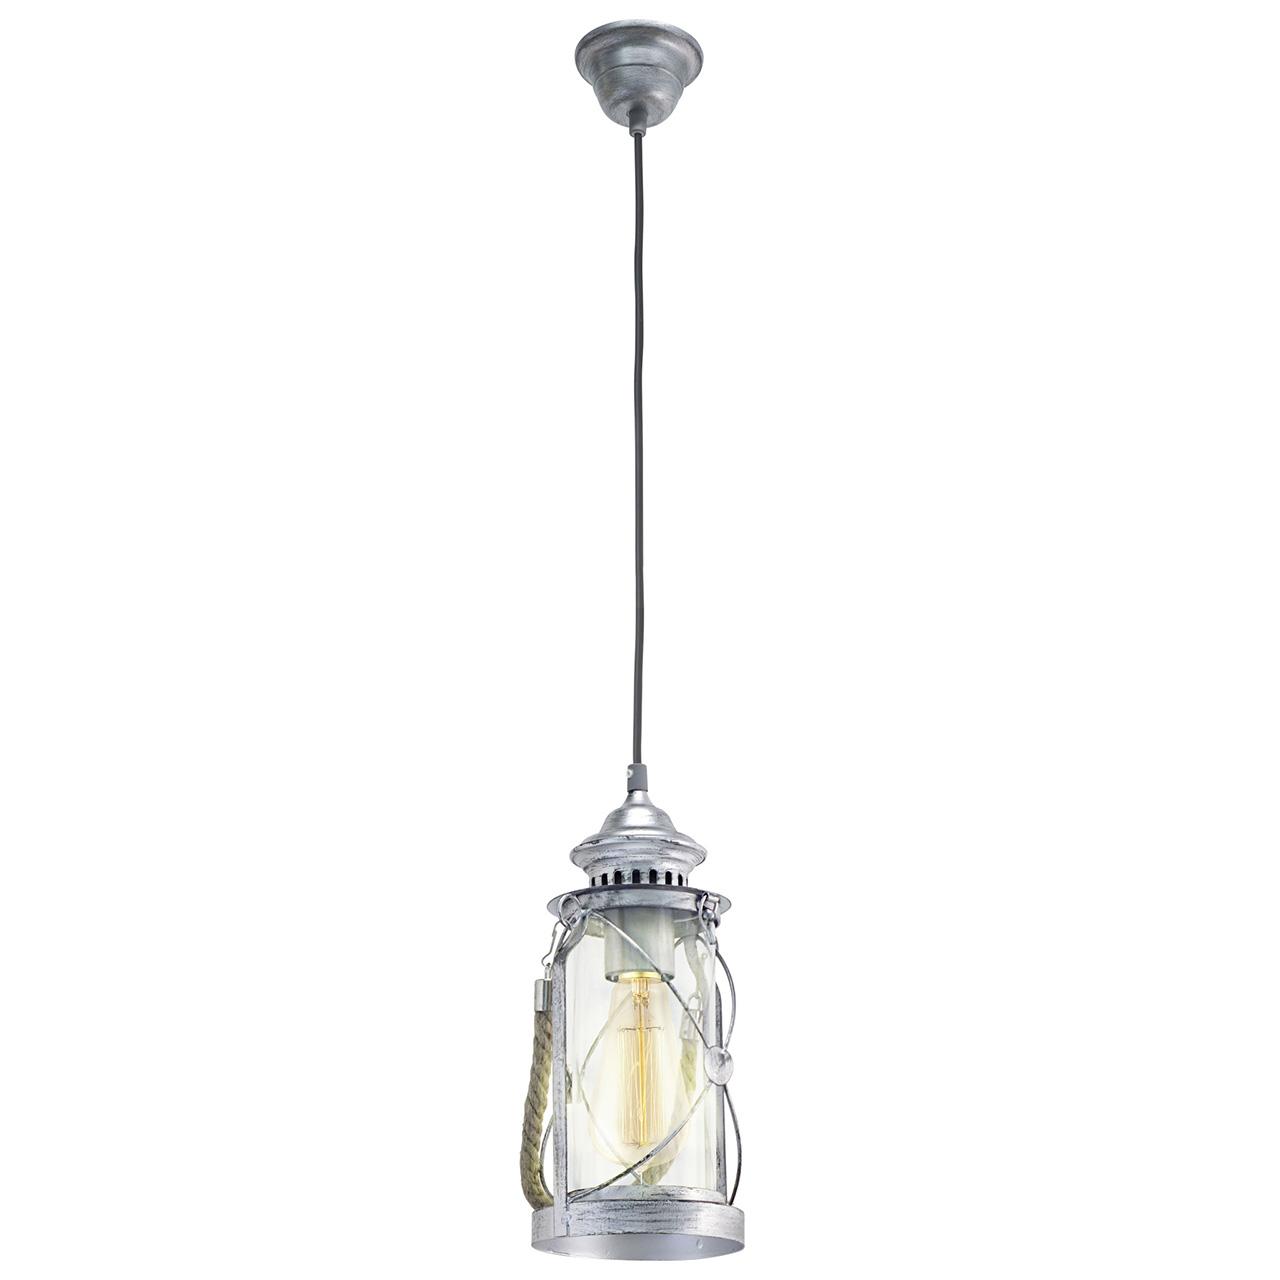 Подвесной светильник Eglo Vintage 49214 подвесной светильник eglo vintage 49239